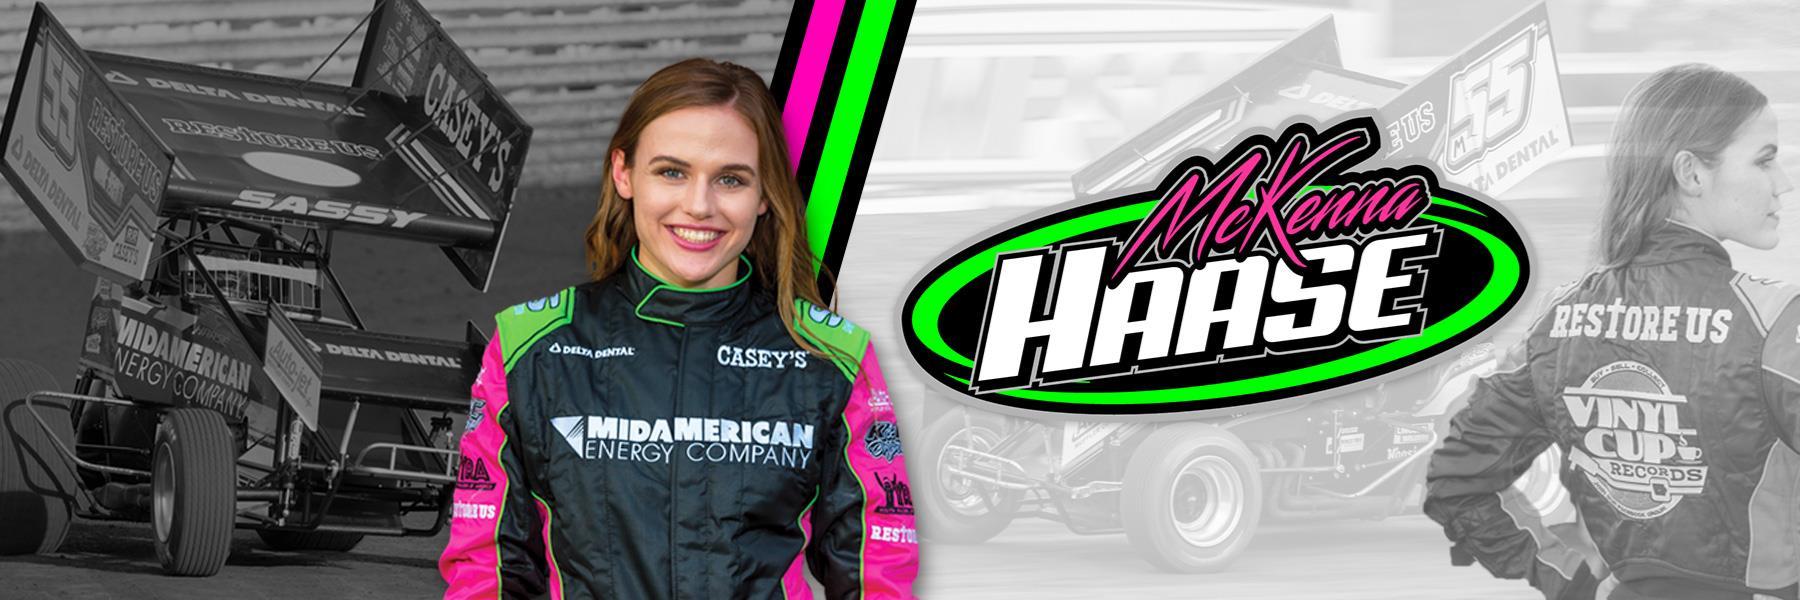 McKenna Haase